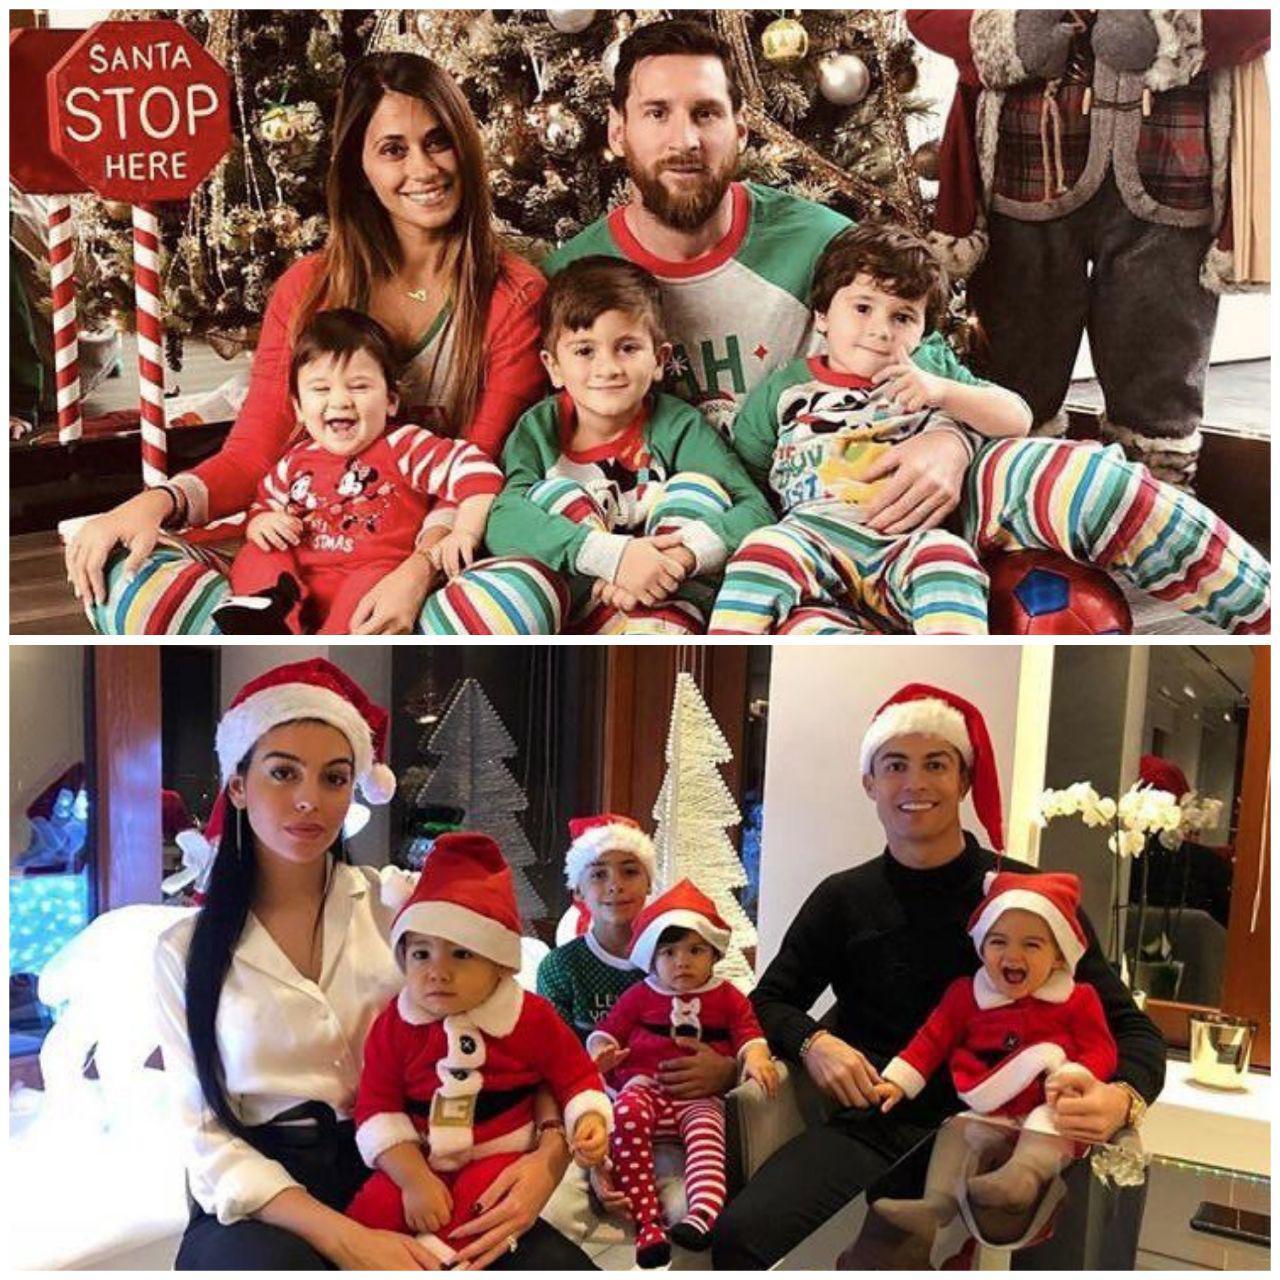 مسی و رونالدو در شب کریسمس